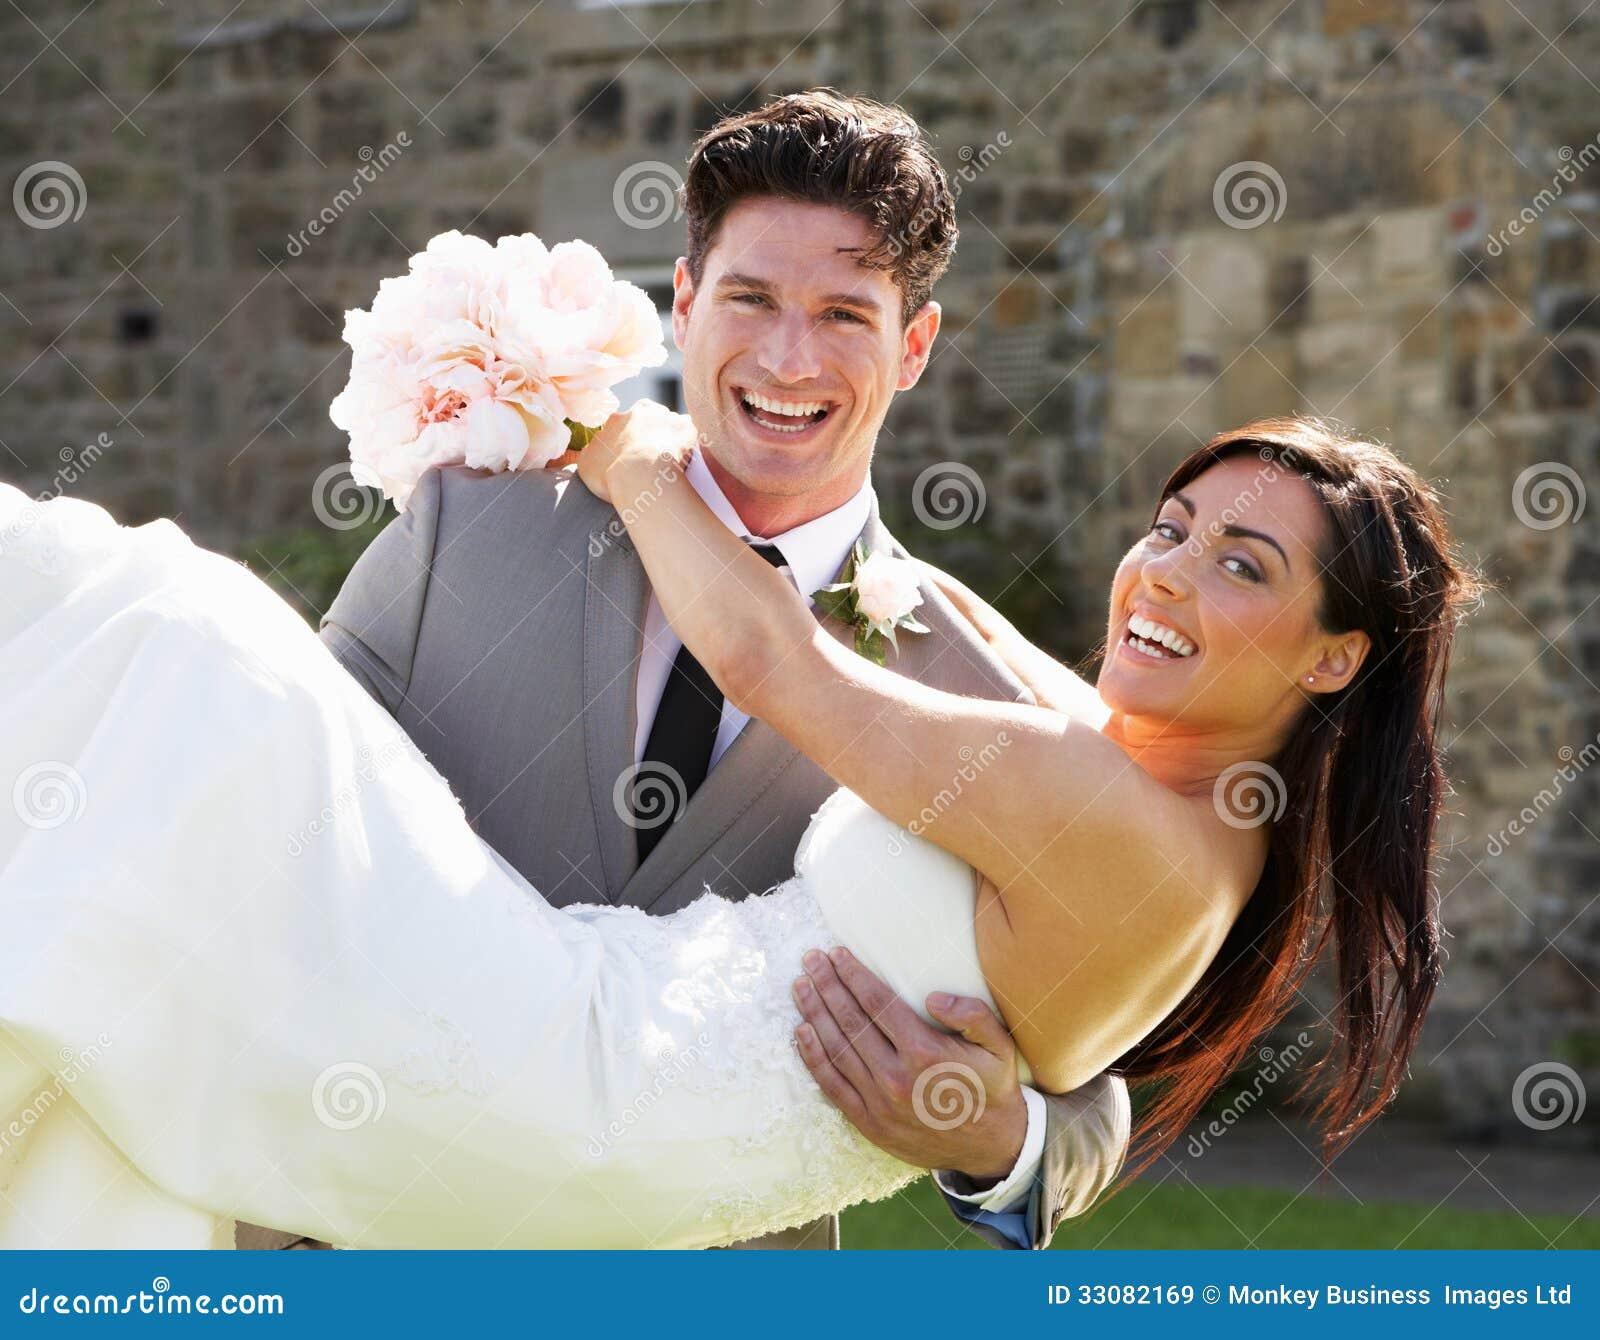 Romantisk brud och brudgum Embracing Outdoors